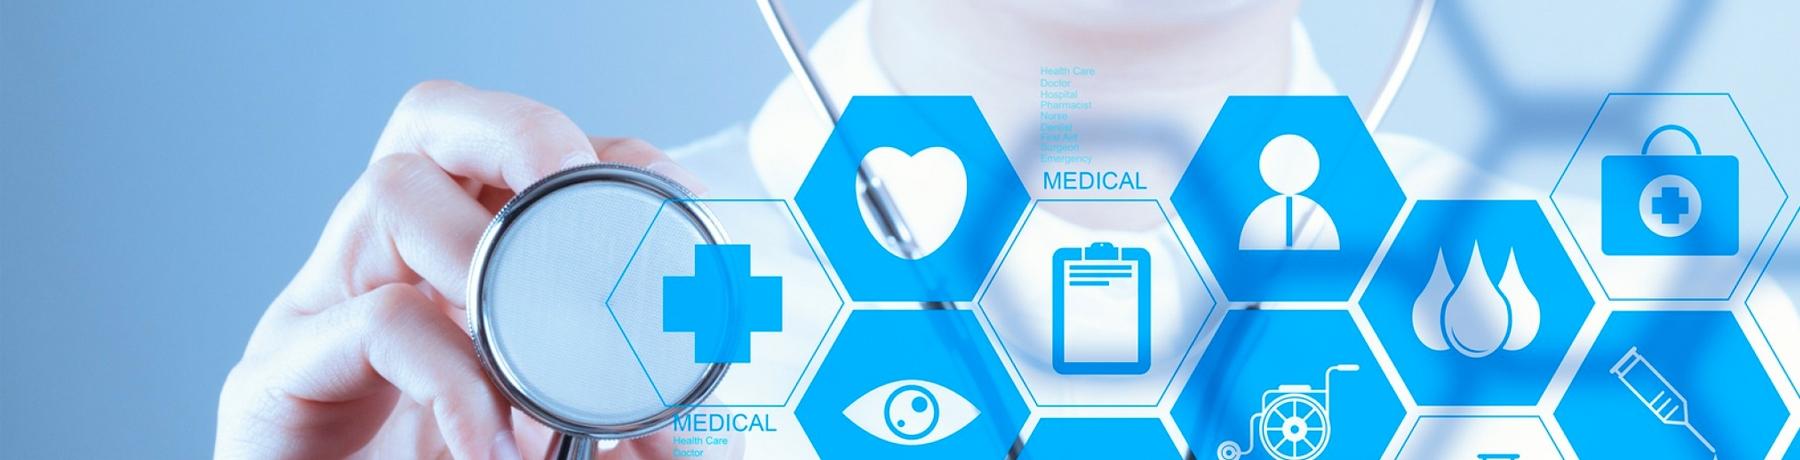 200847371-healthcare-banner.jpg